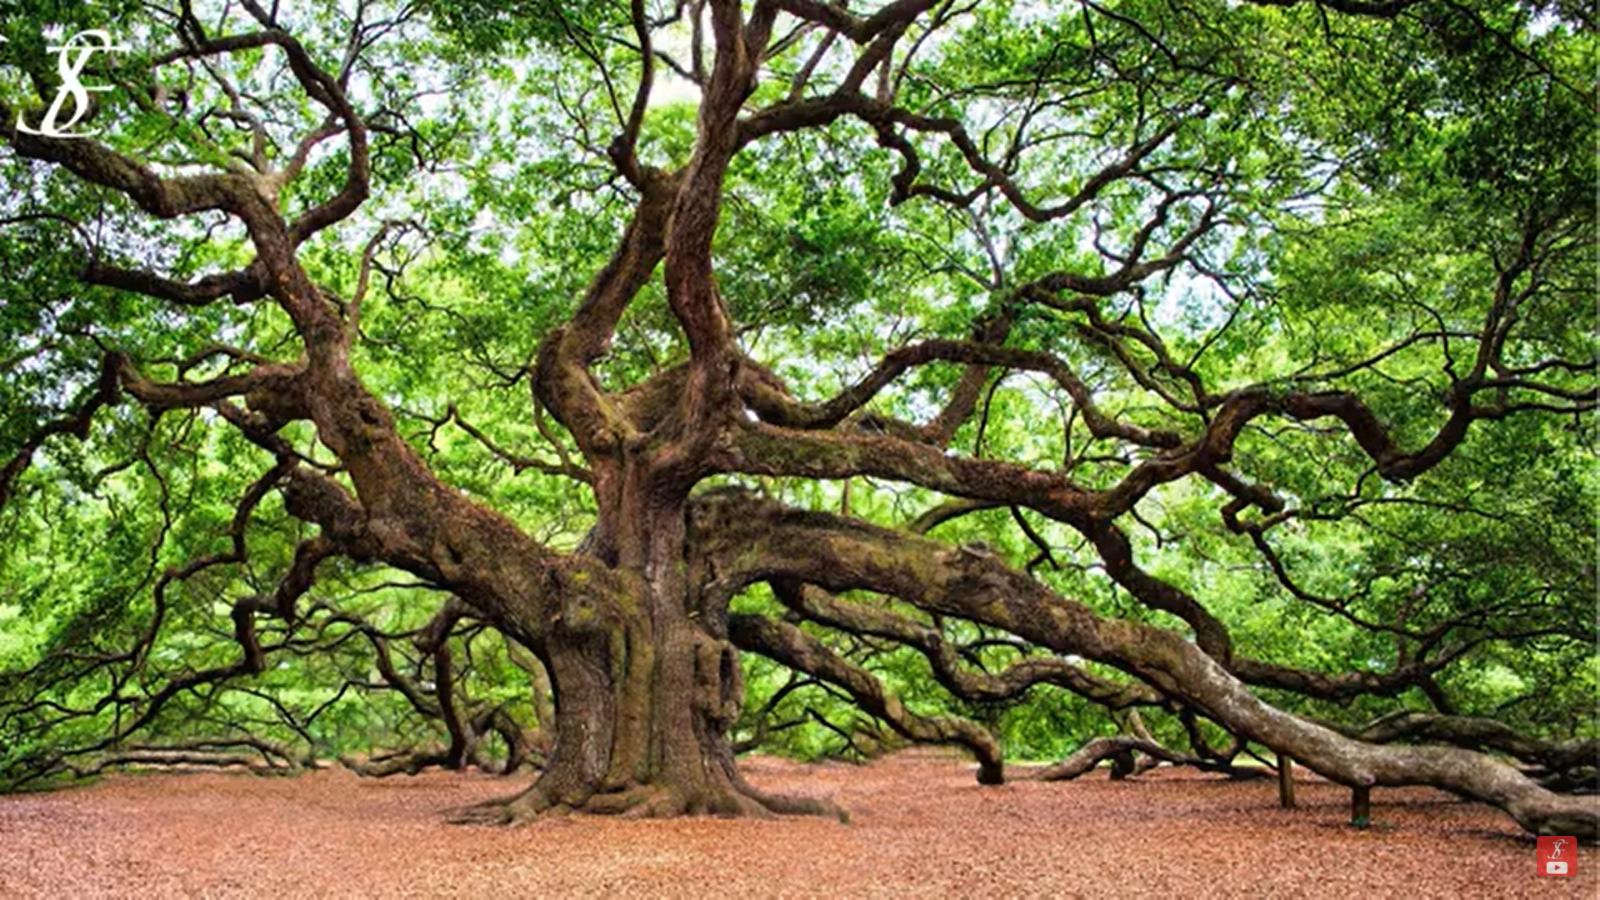 Méditation de l'arbre : Ancrage Terre - Ciel - Être Soi